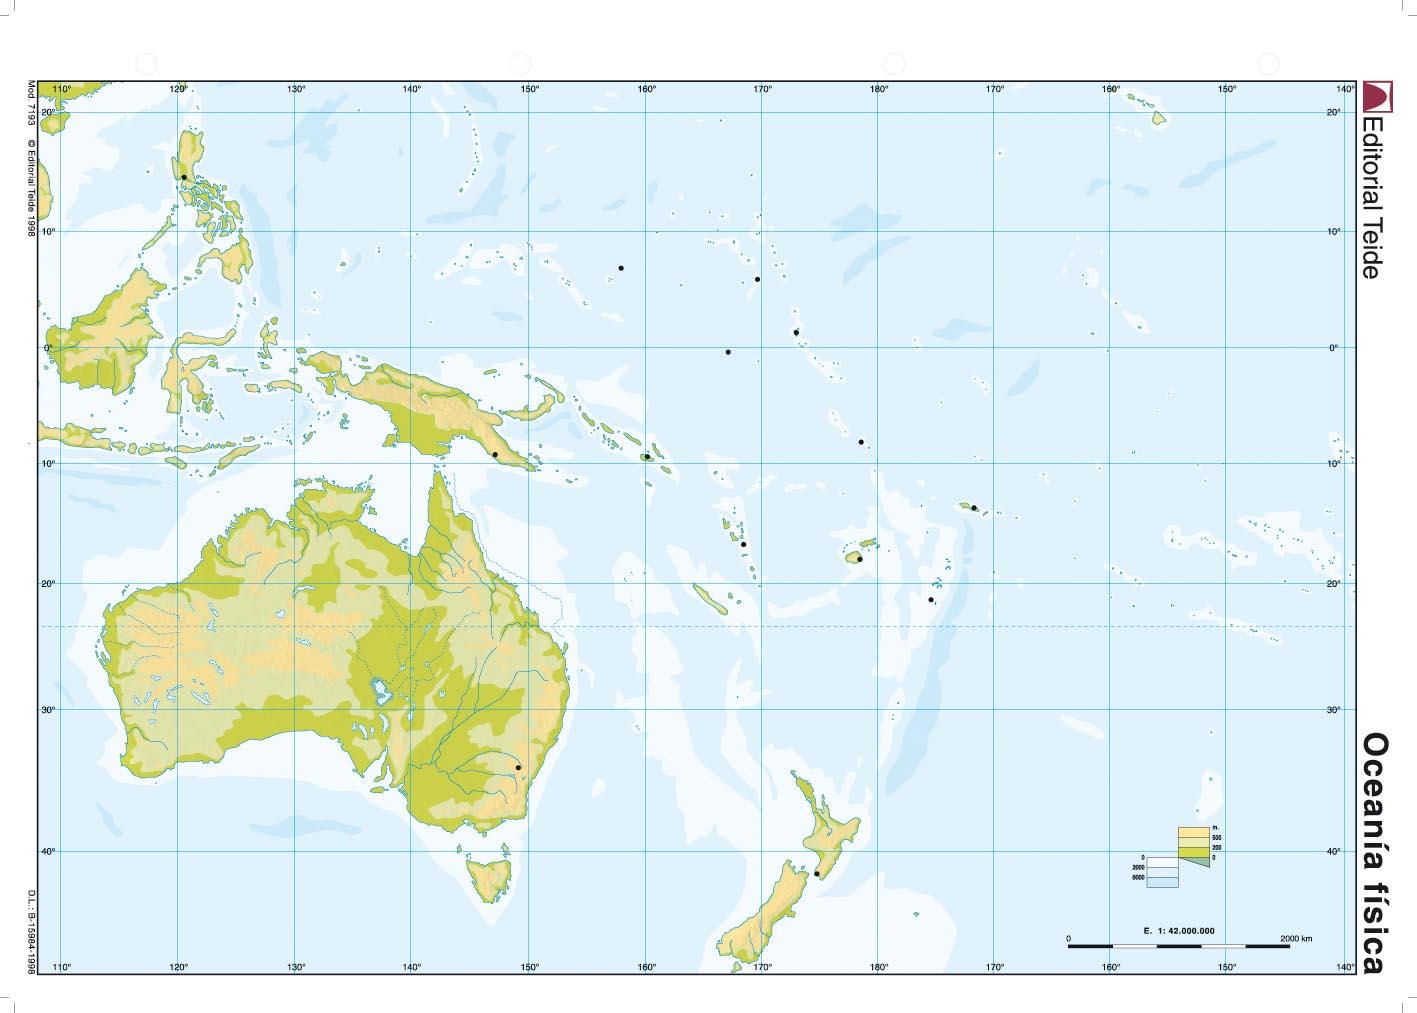 Mapa Politico De Asia Para Imprimir.Mapa Fisico Oceania Mudo Para Imprimir Werkspy